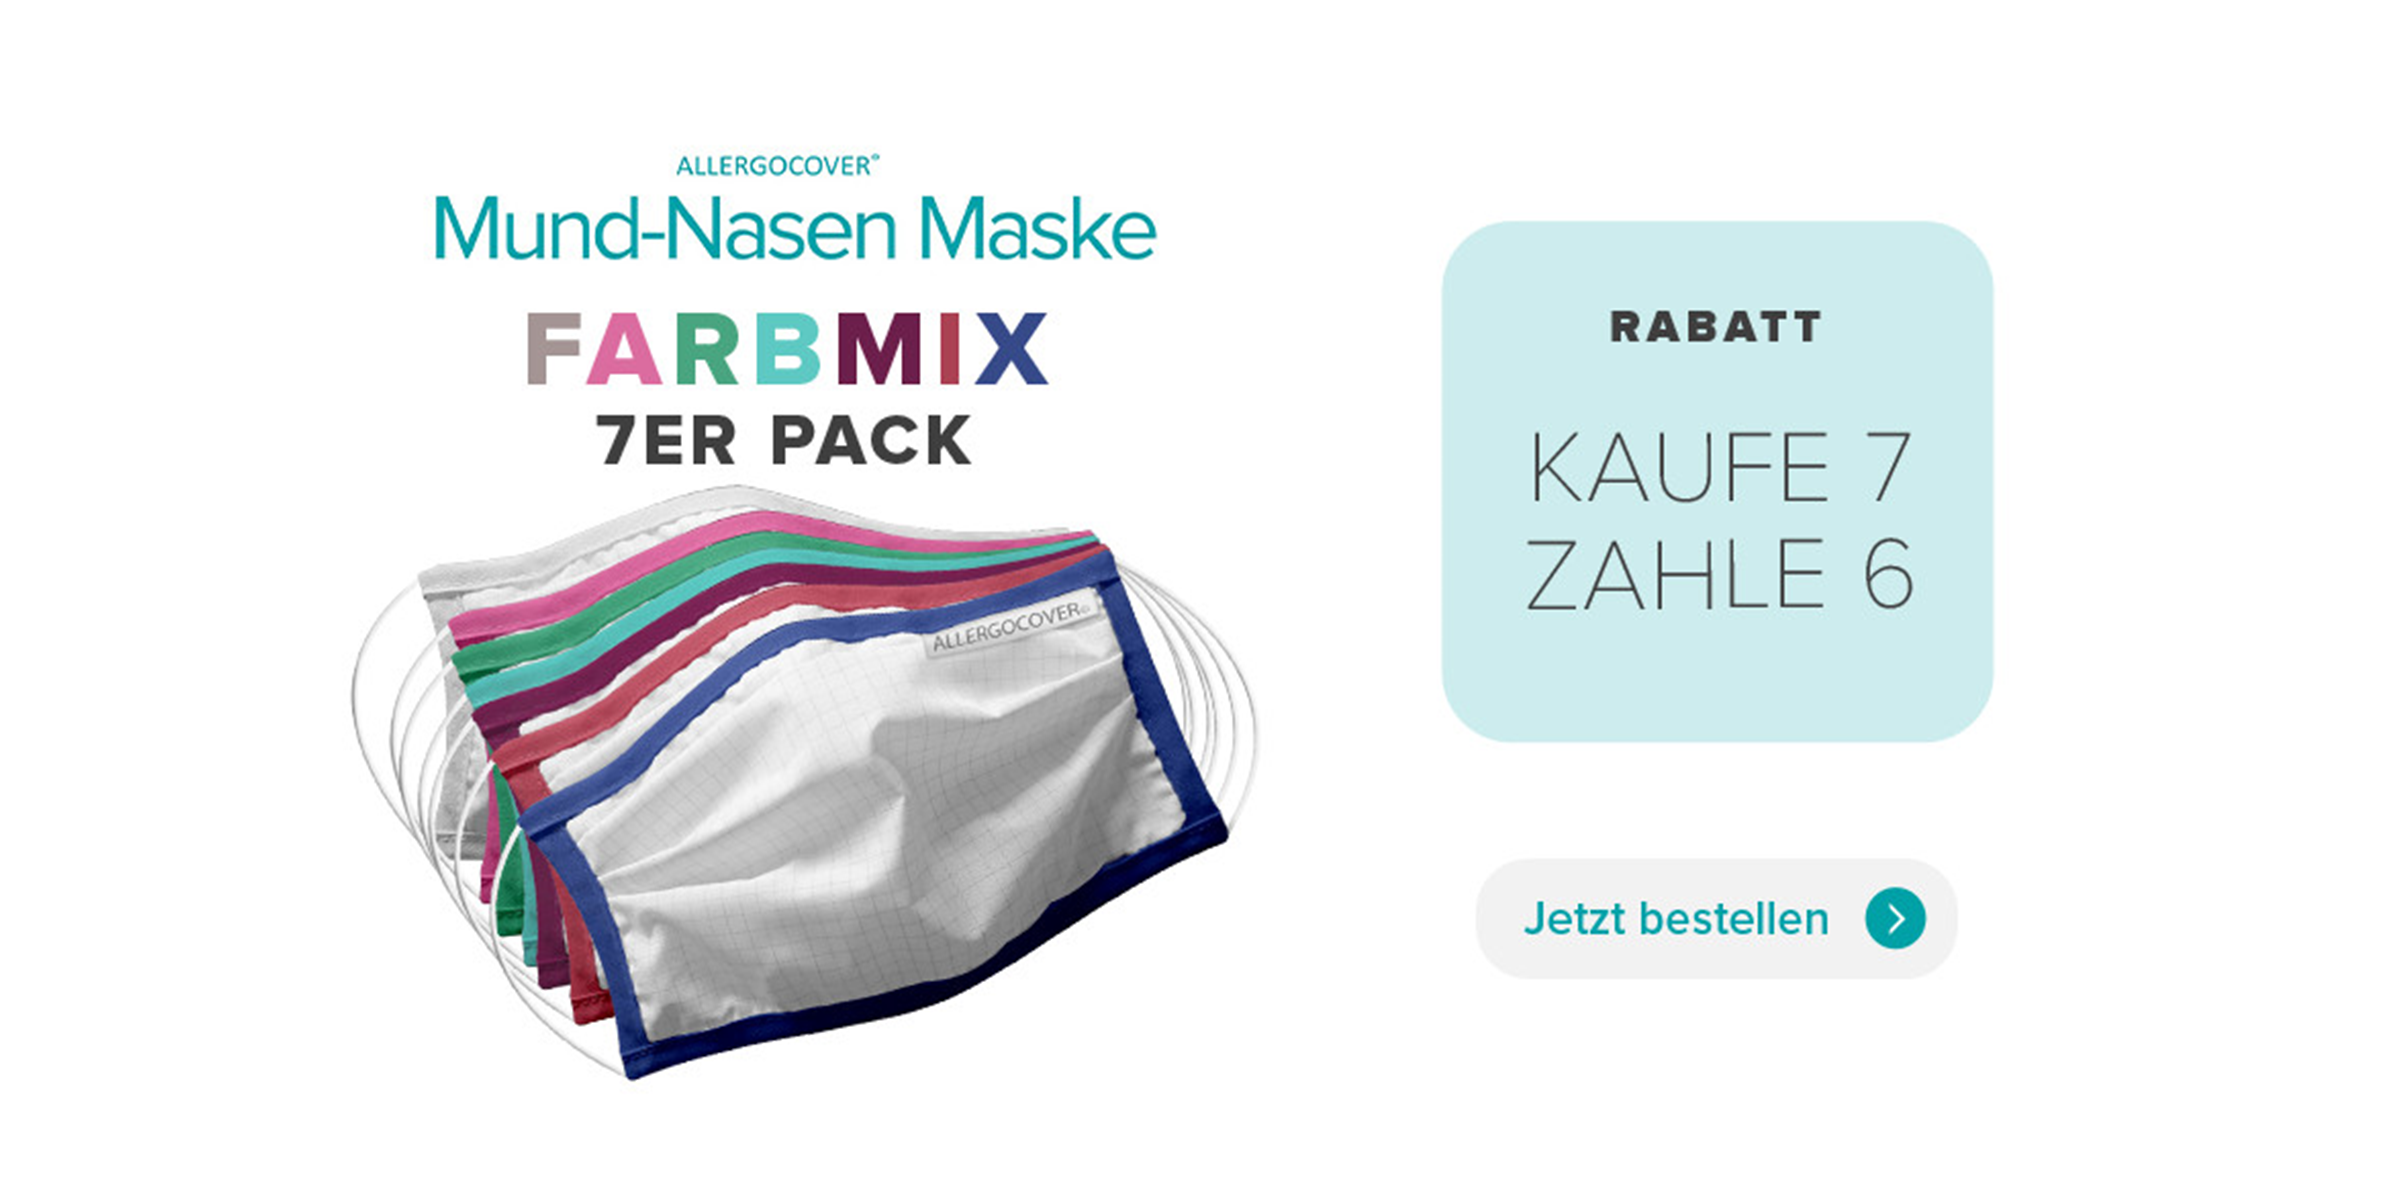 allergocover-mund-nasen-maske-banner-lp-2400x1200